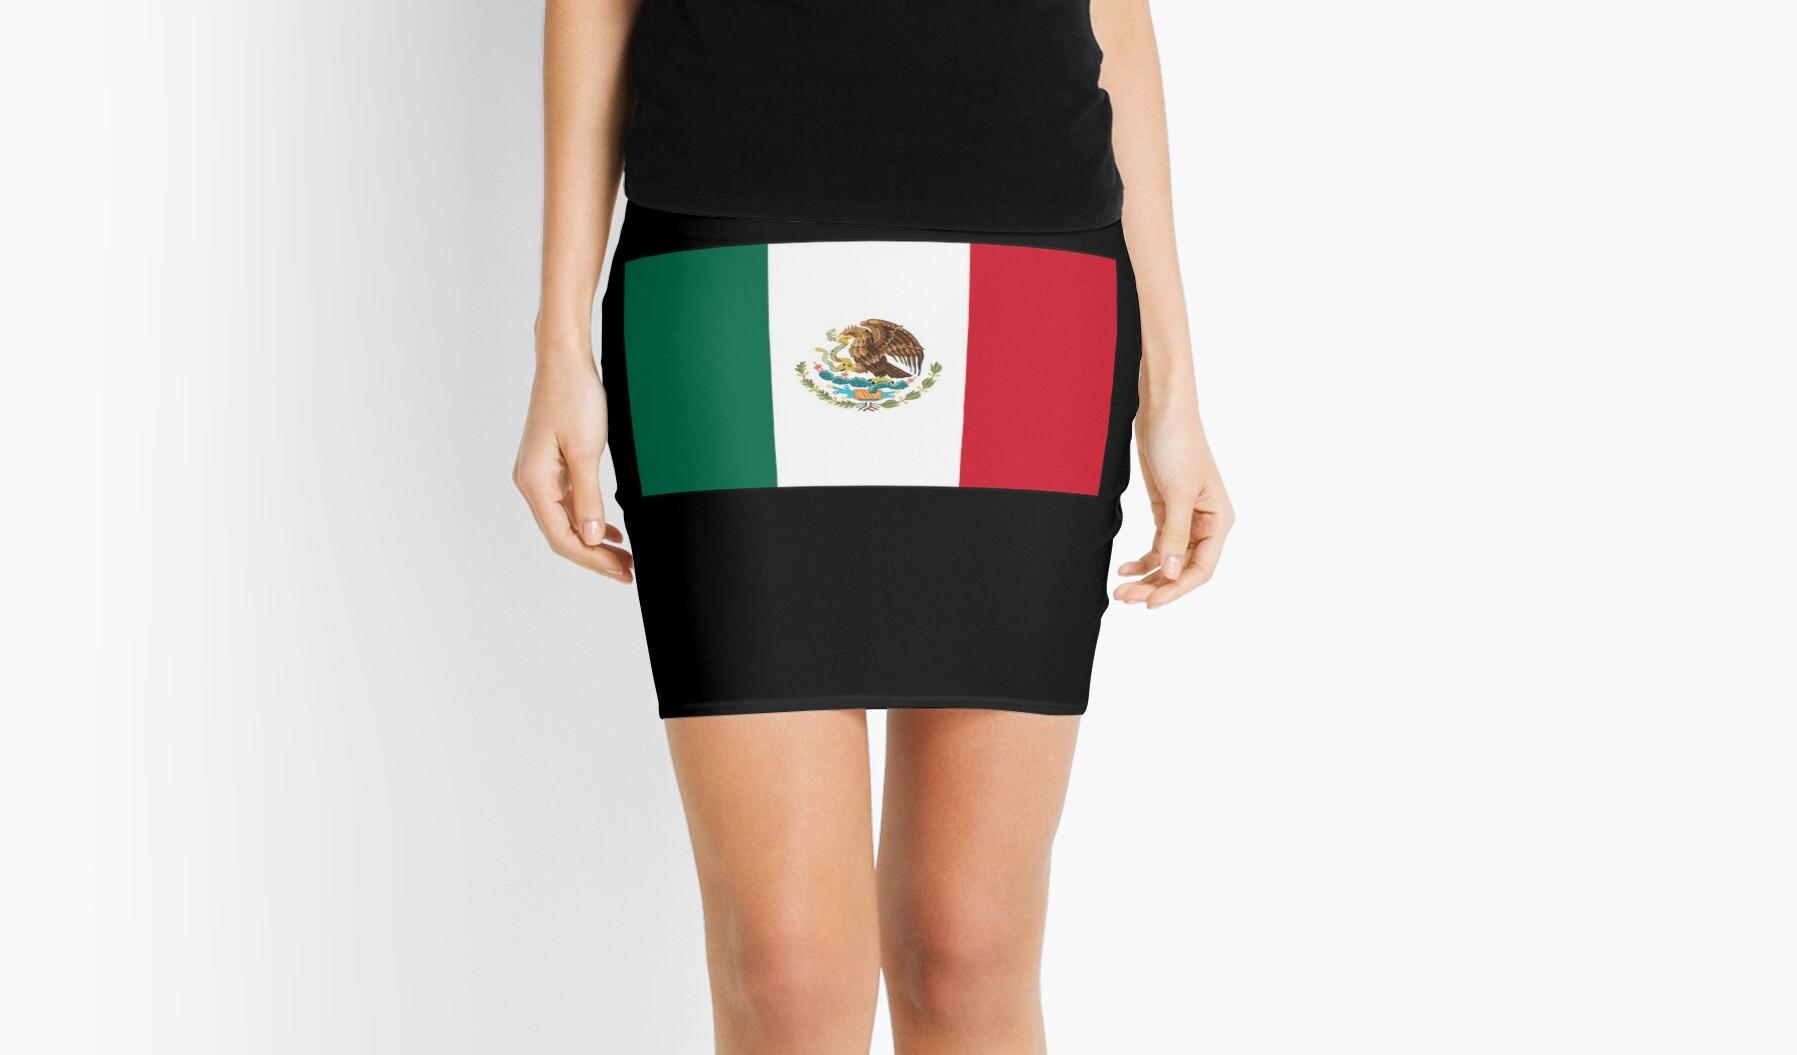 Groß Flagge Von Mexiko Zu Färben Fotos - Ideen fortsetzen ...